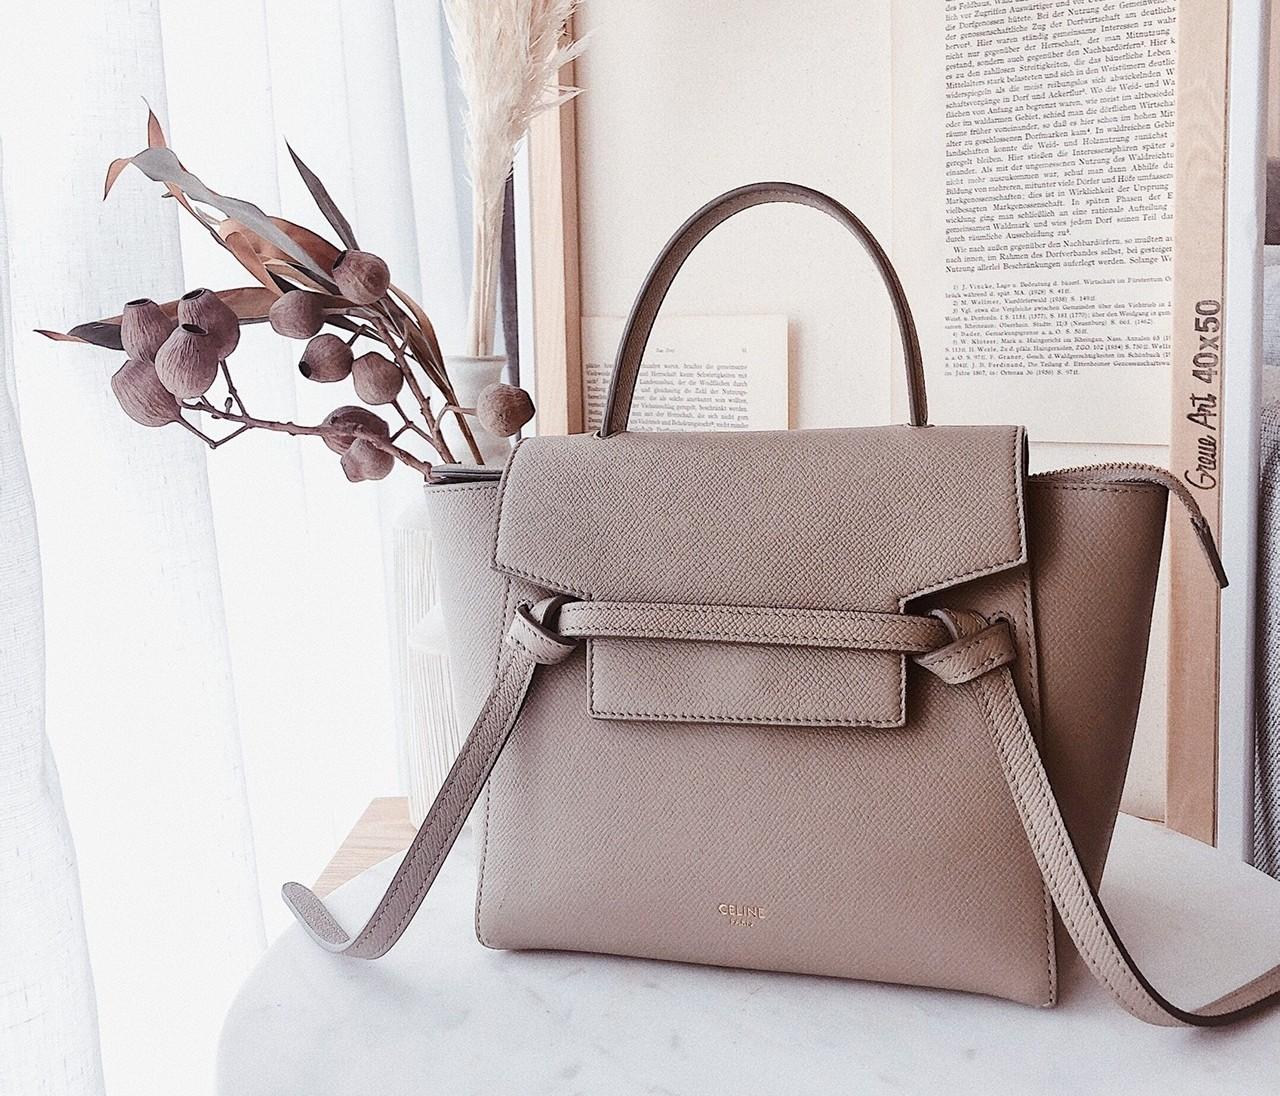 【30代からの名品バッグ】セリーヌのベルトバック